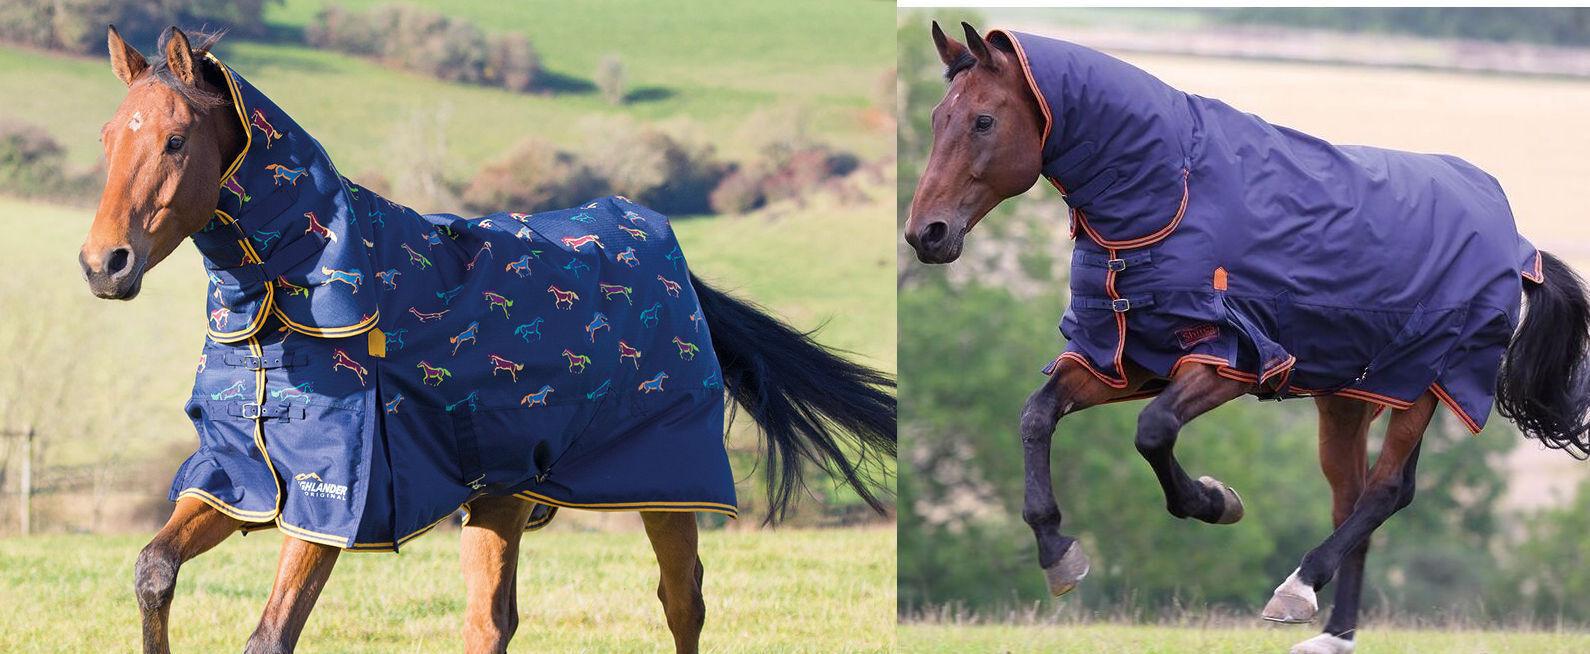 Shires Highlander 200g Combo collo fisso cavallo o Pony Impermeabile Tappeto Affluenza Alle Urne